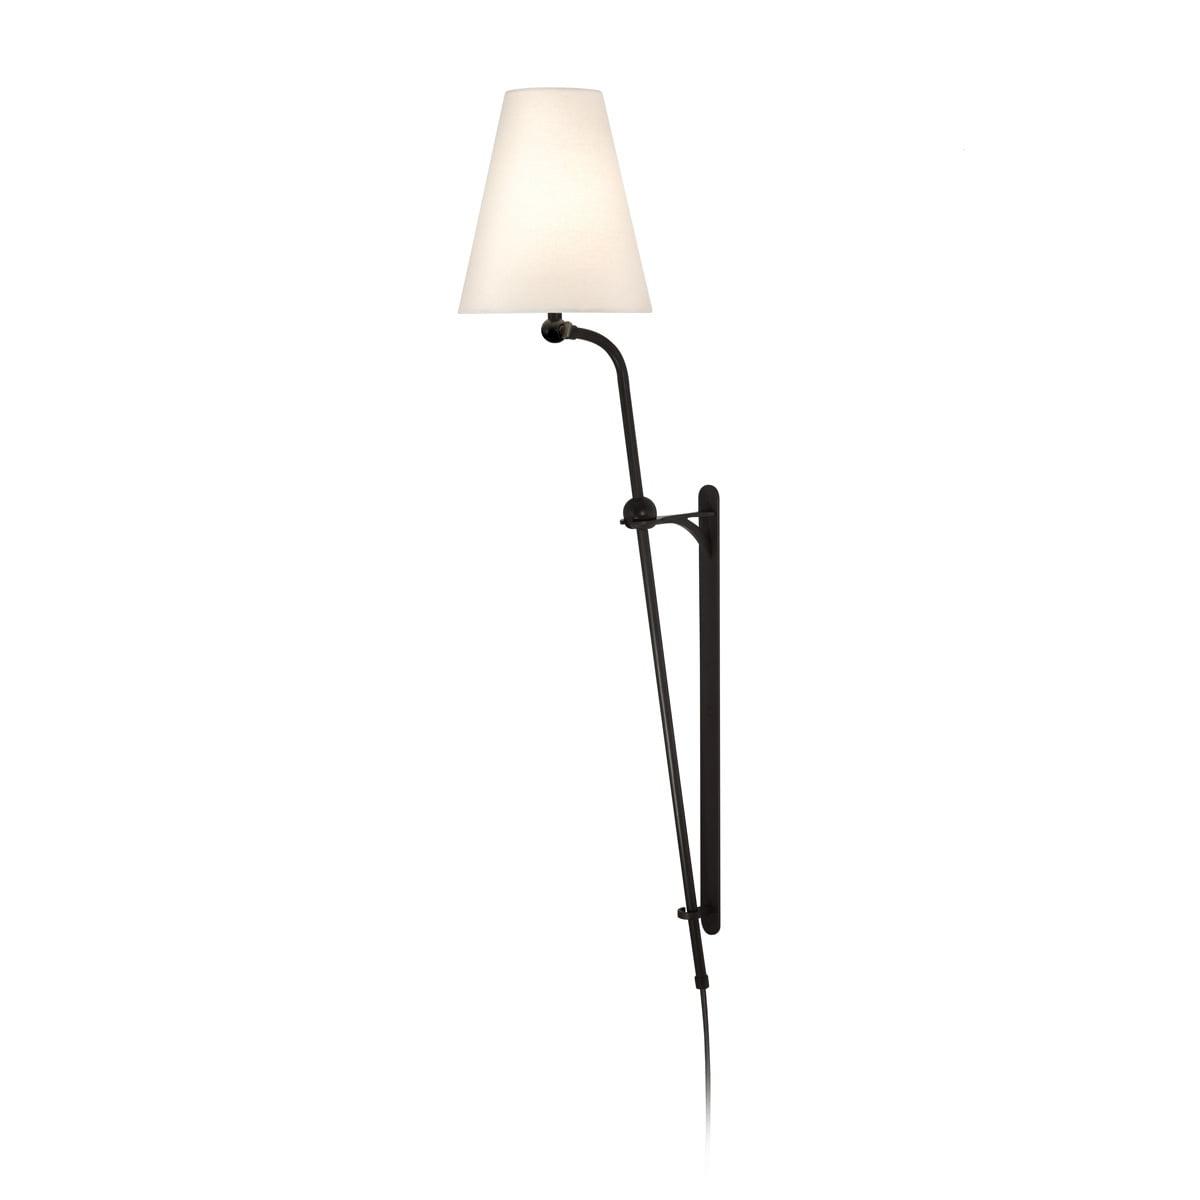 Sonneman  1805  Wall Sconces  Tito  Indoor Lighting  ;Black Bronze